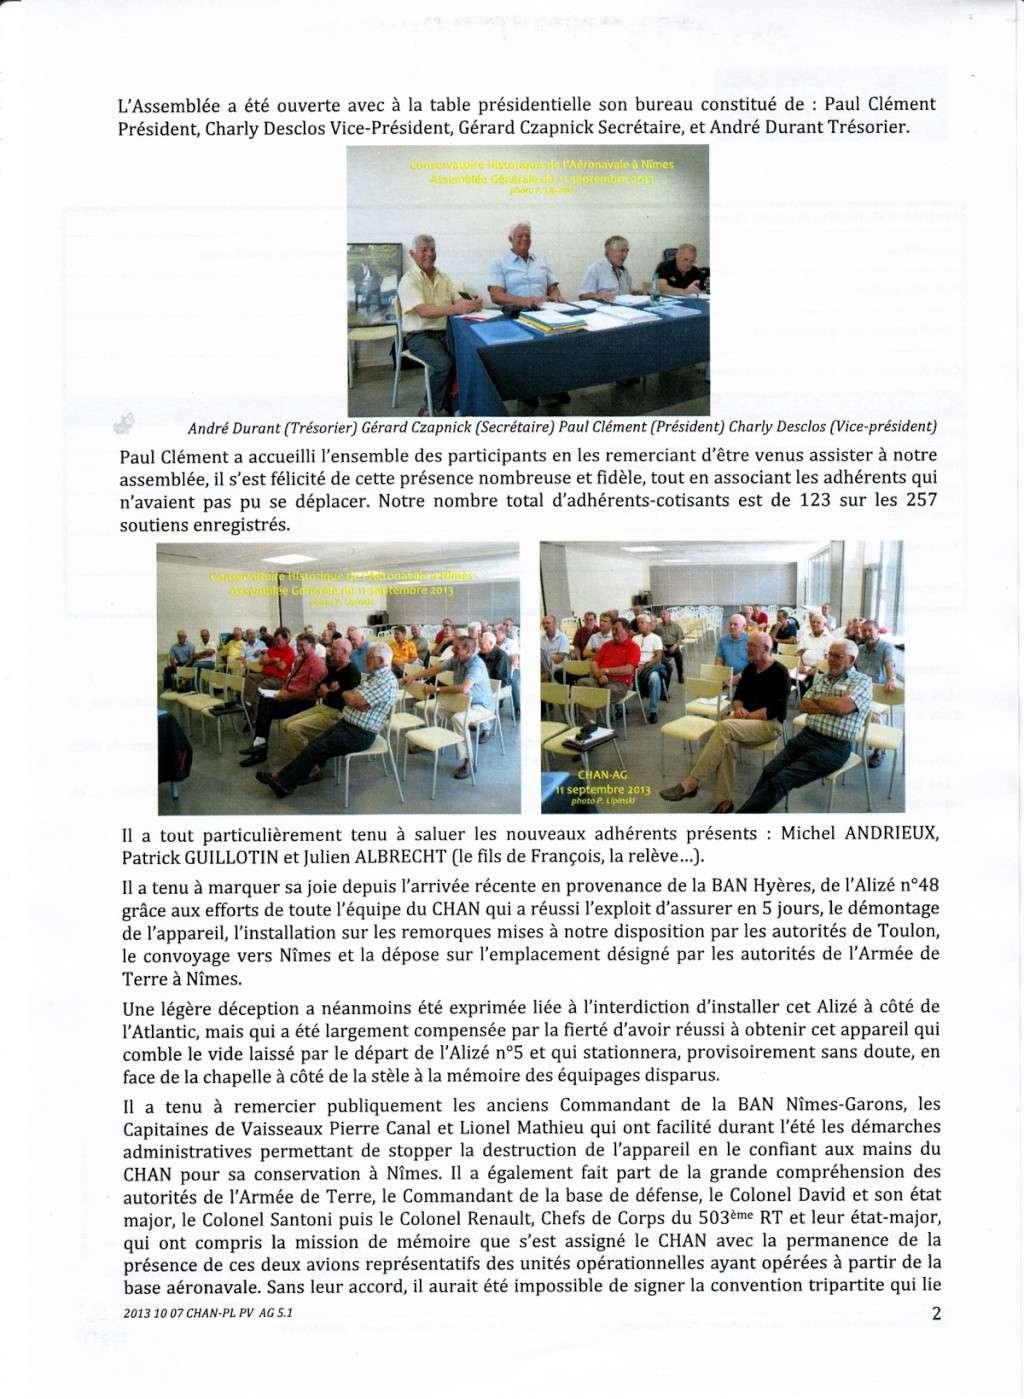 [Associations anciens marins] C.H.A.N.-Nîmes (Conservatoire Historique de l'Aéronavale-Nîmes) Imagec37